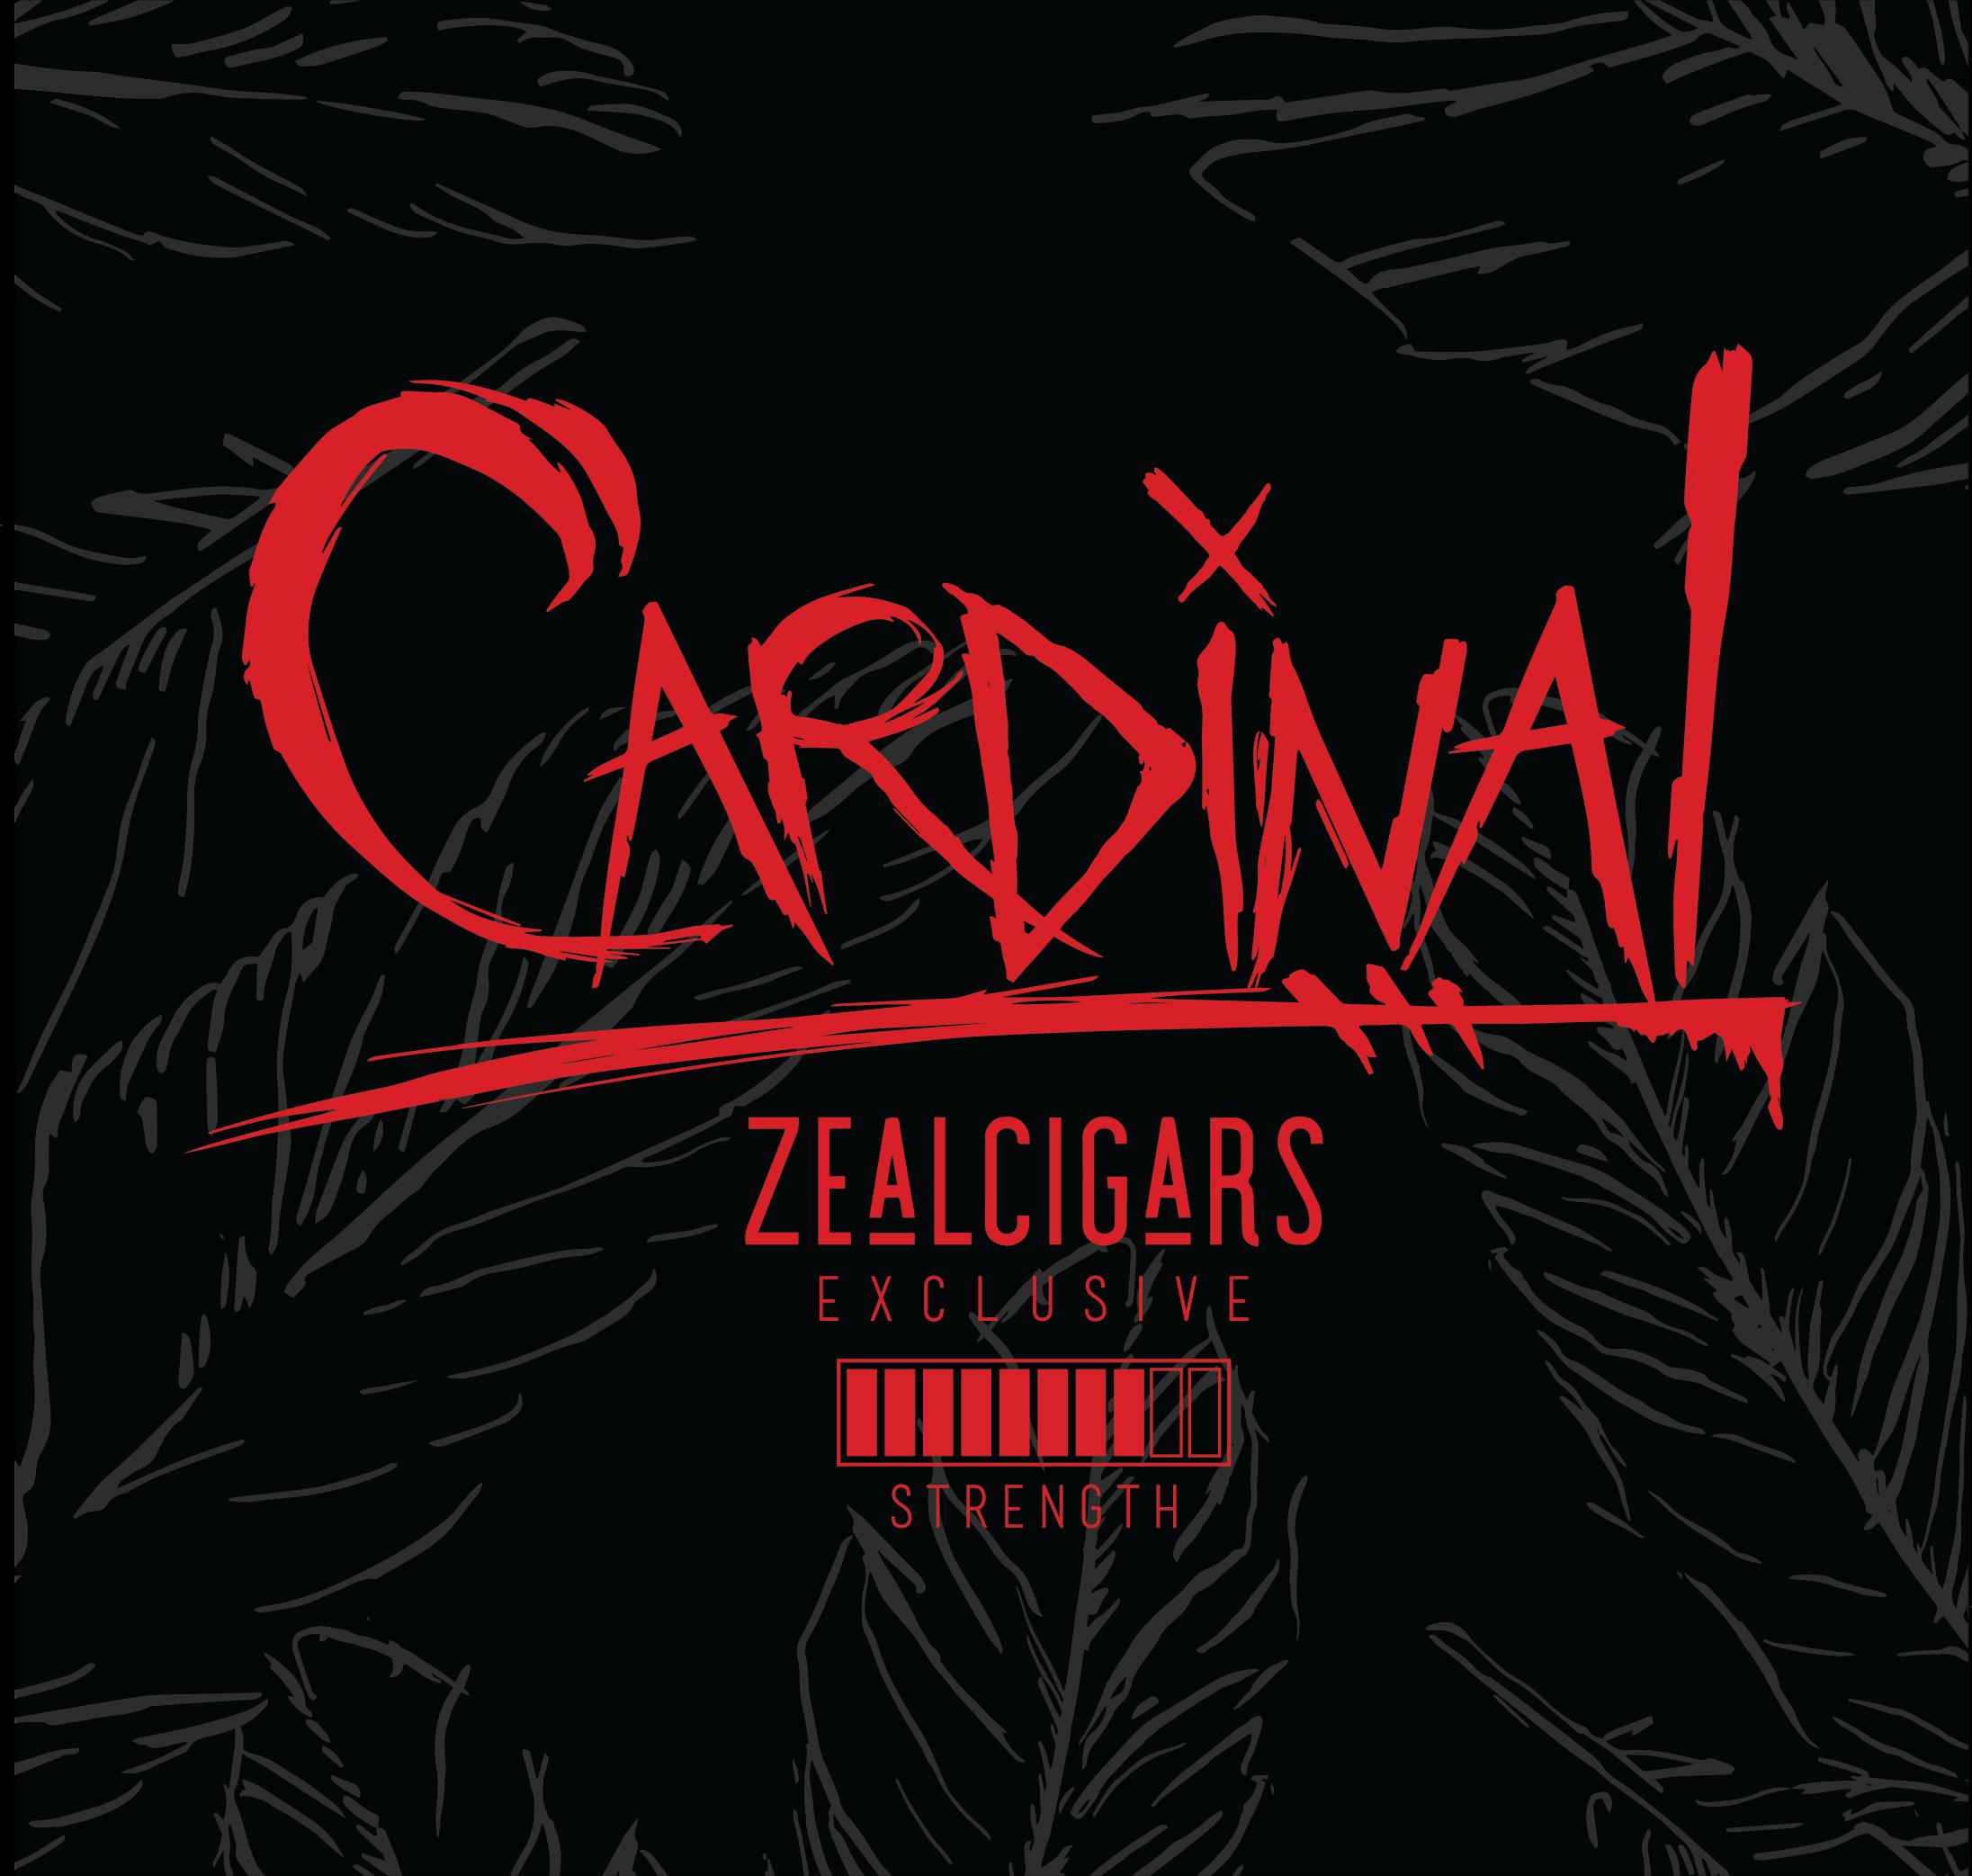 Cigar News: Blackbird Cigar Company Cardinal Announced as Shop Exclusive for Zeal Cigars, Then Cancelled